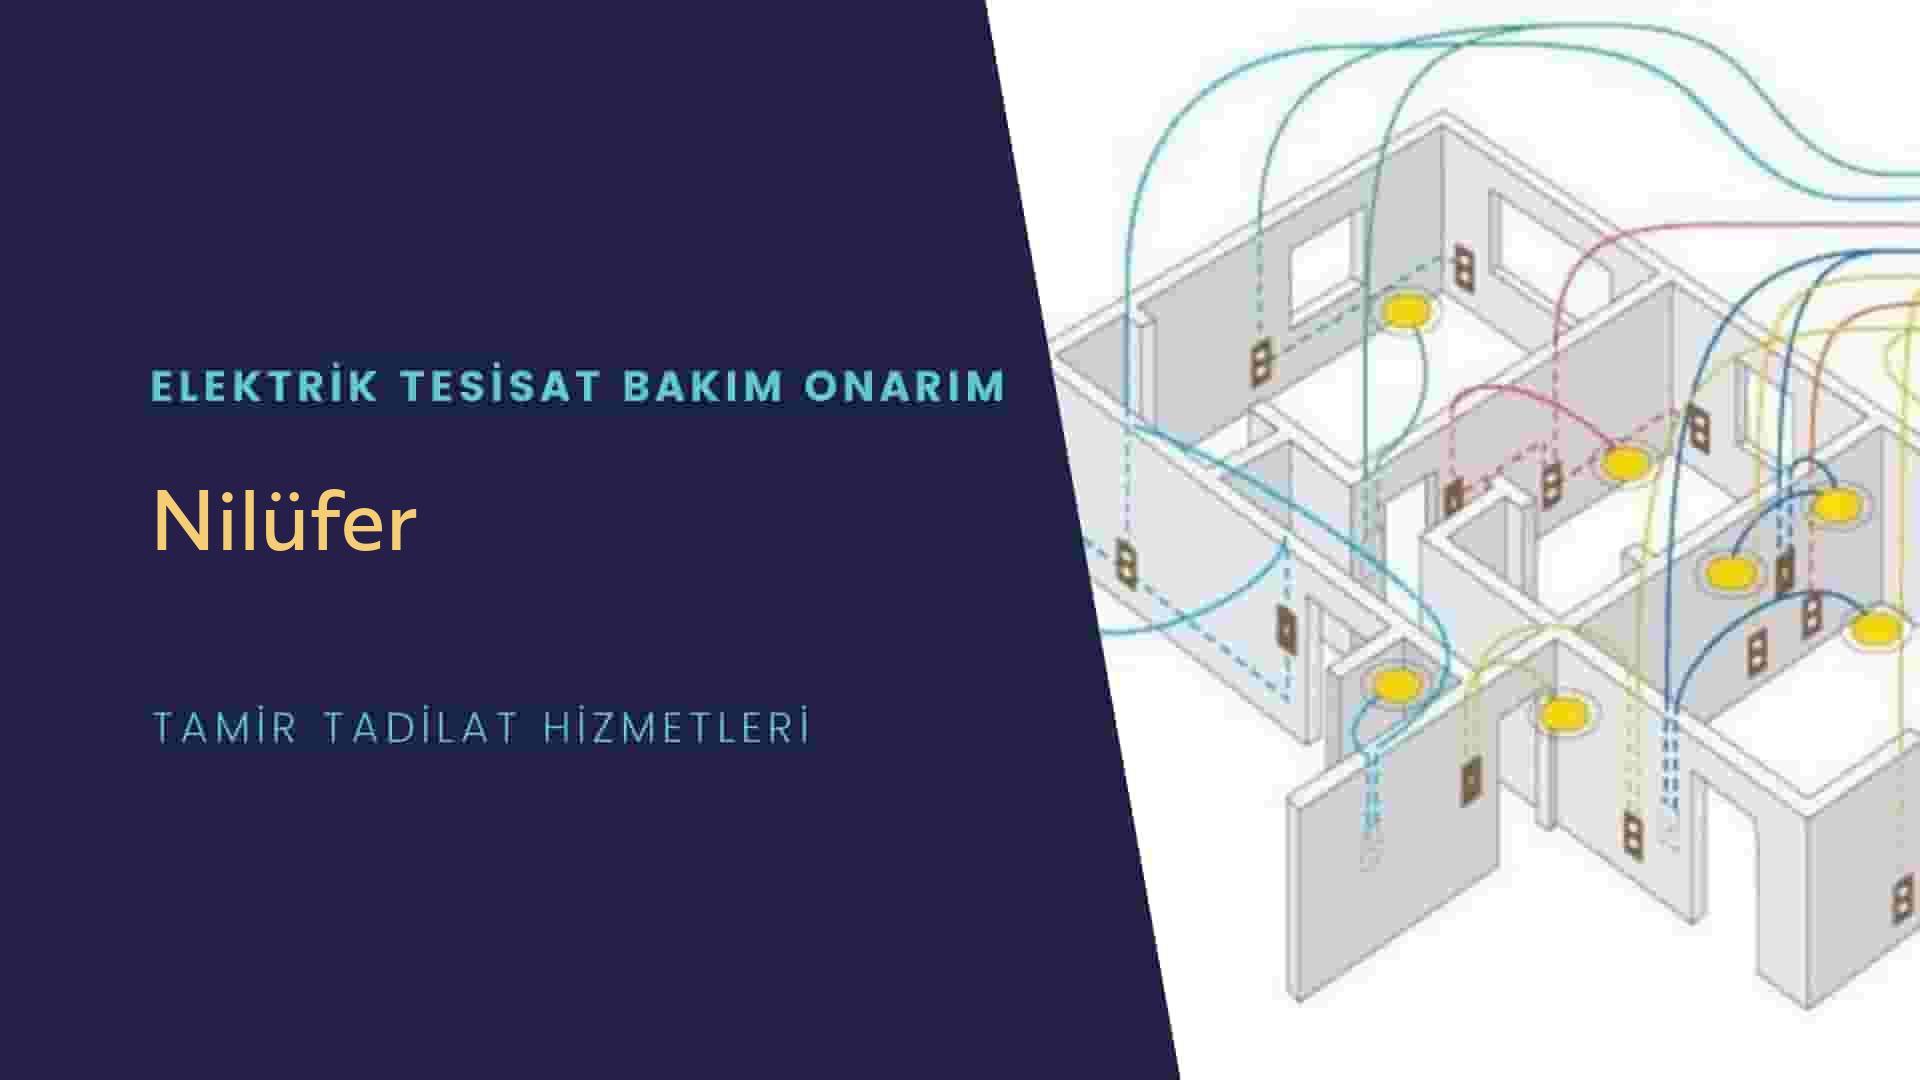 Nilüfer'de elektrik tesisatıustalarımı arıyorsunuz doğru adrestenizi Nilüfer elektrik tesisatı ustalarımız 7/24 sizlere hizmet vermekten mutluluk duyar.